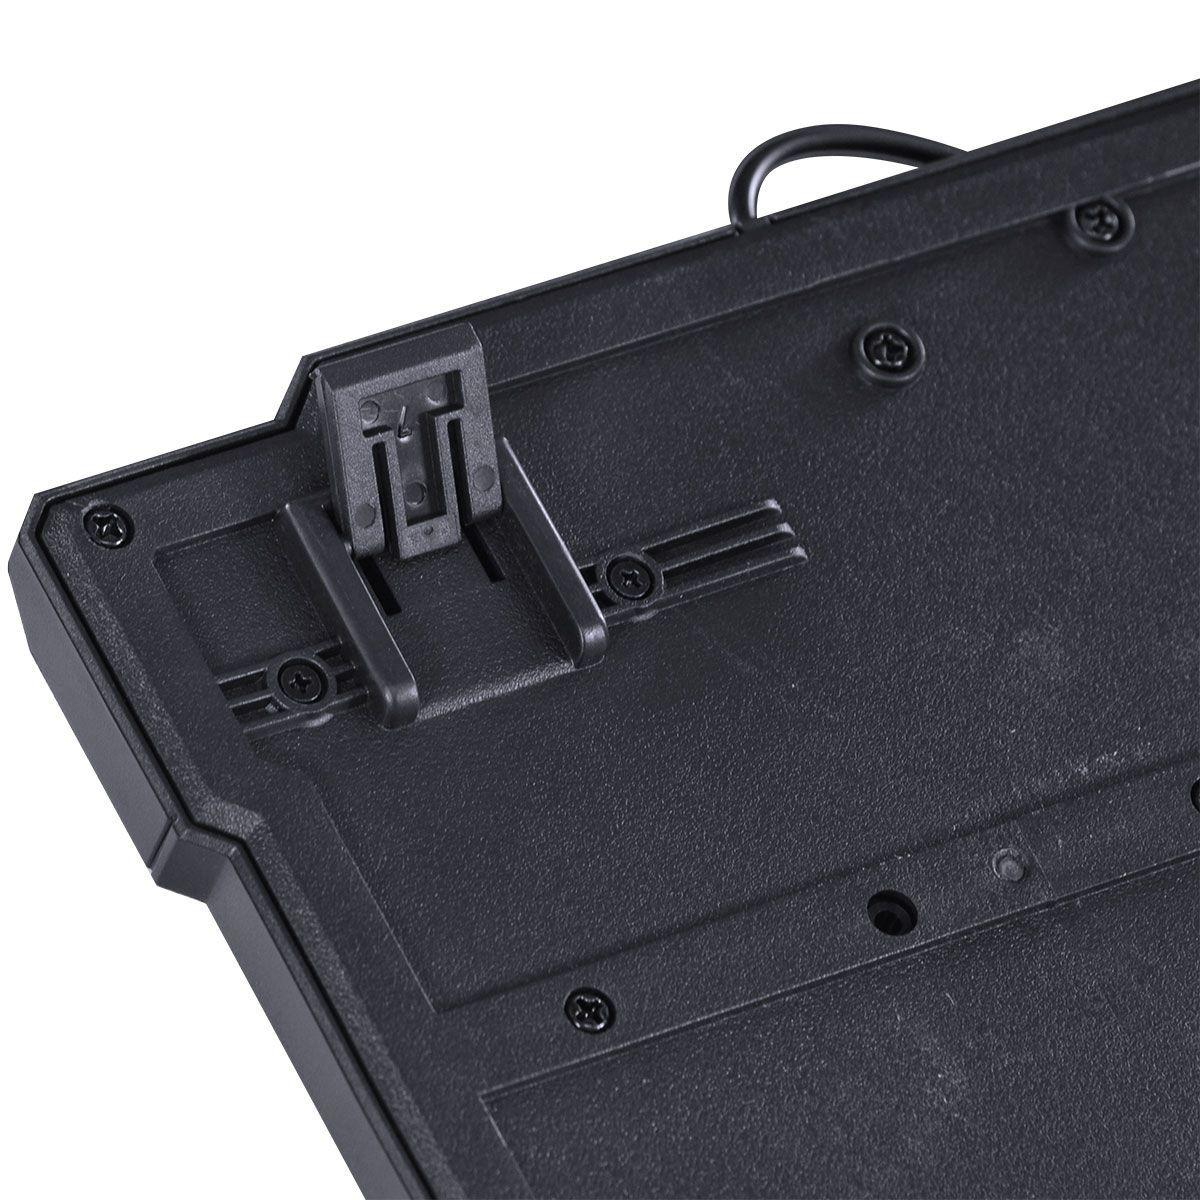 TECLADO USB GAMER VX GAMING DRAGON V2 ABNT2 1.8M PRETO COM VERMELHO - GT100